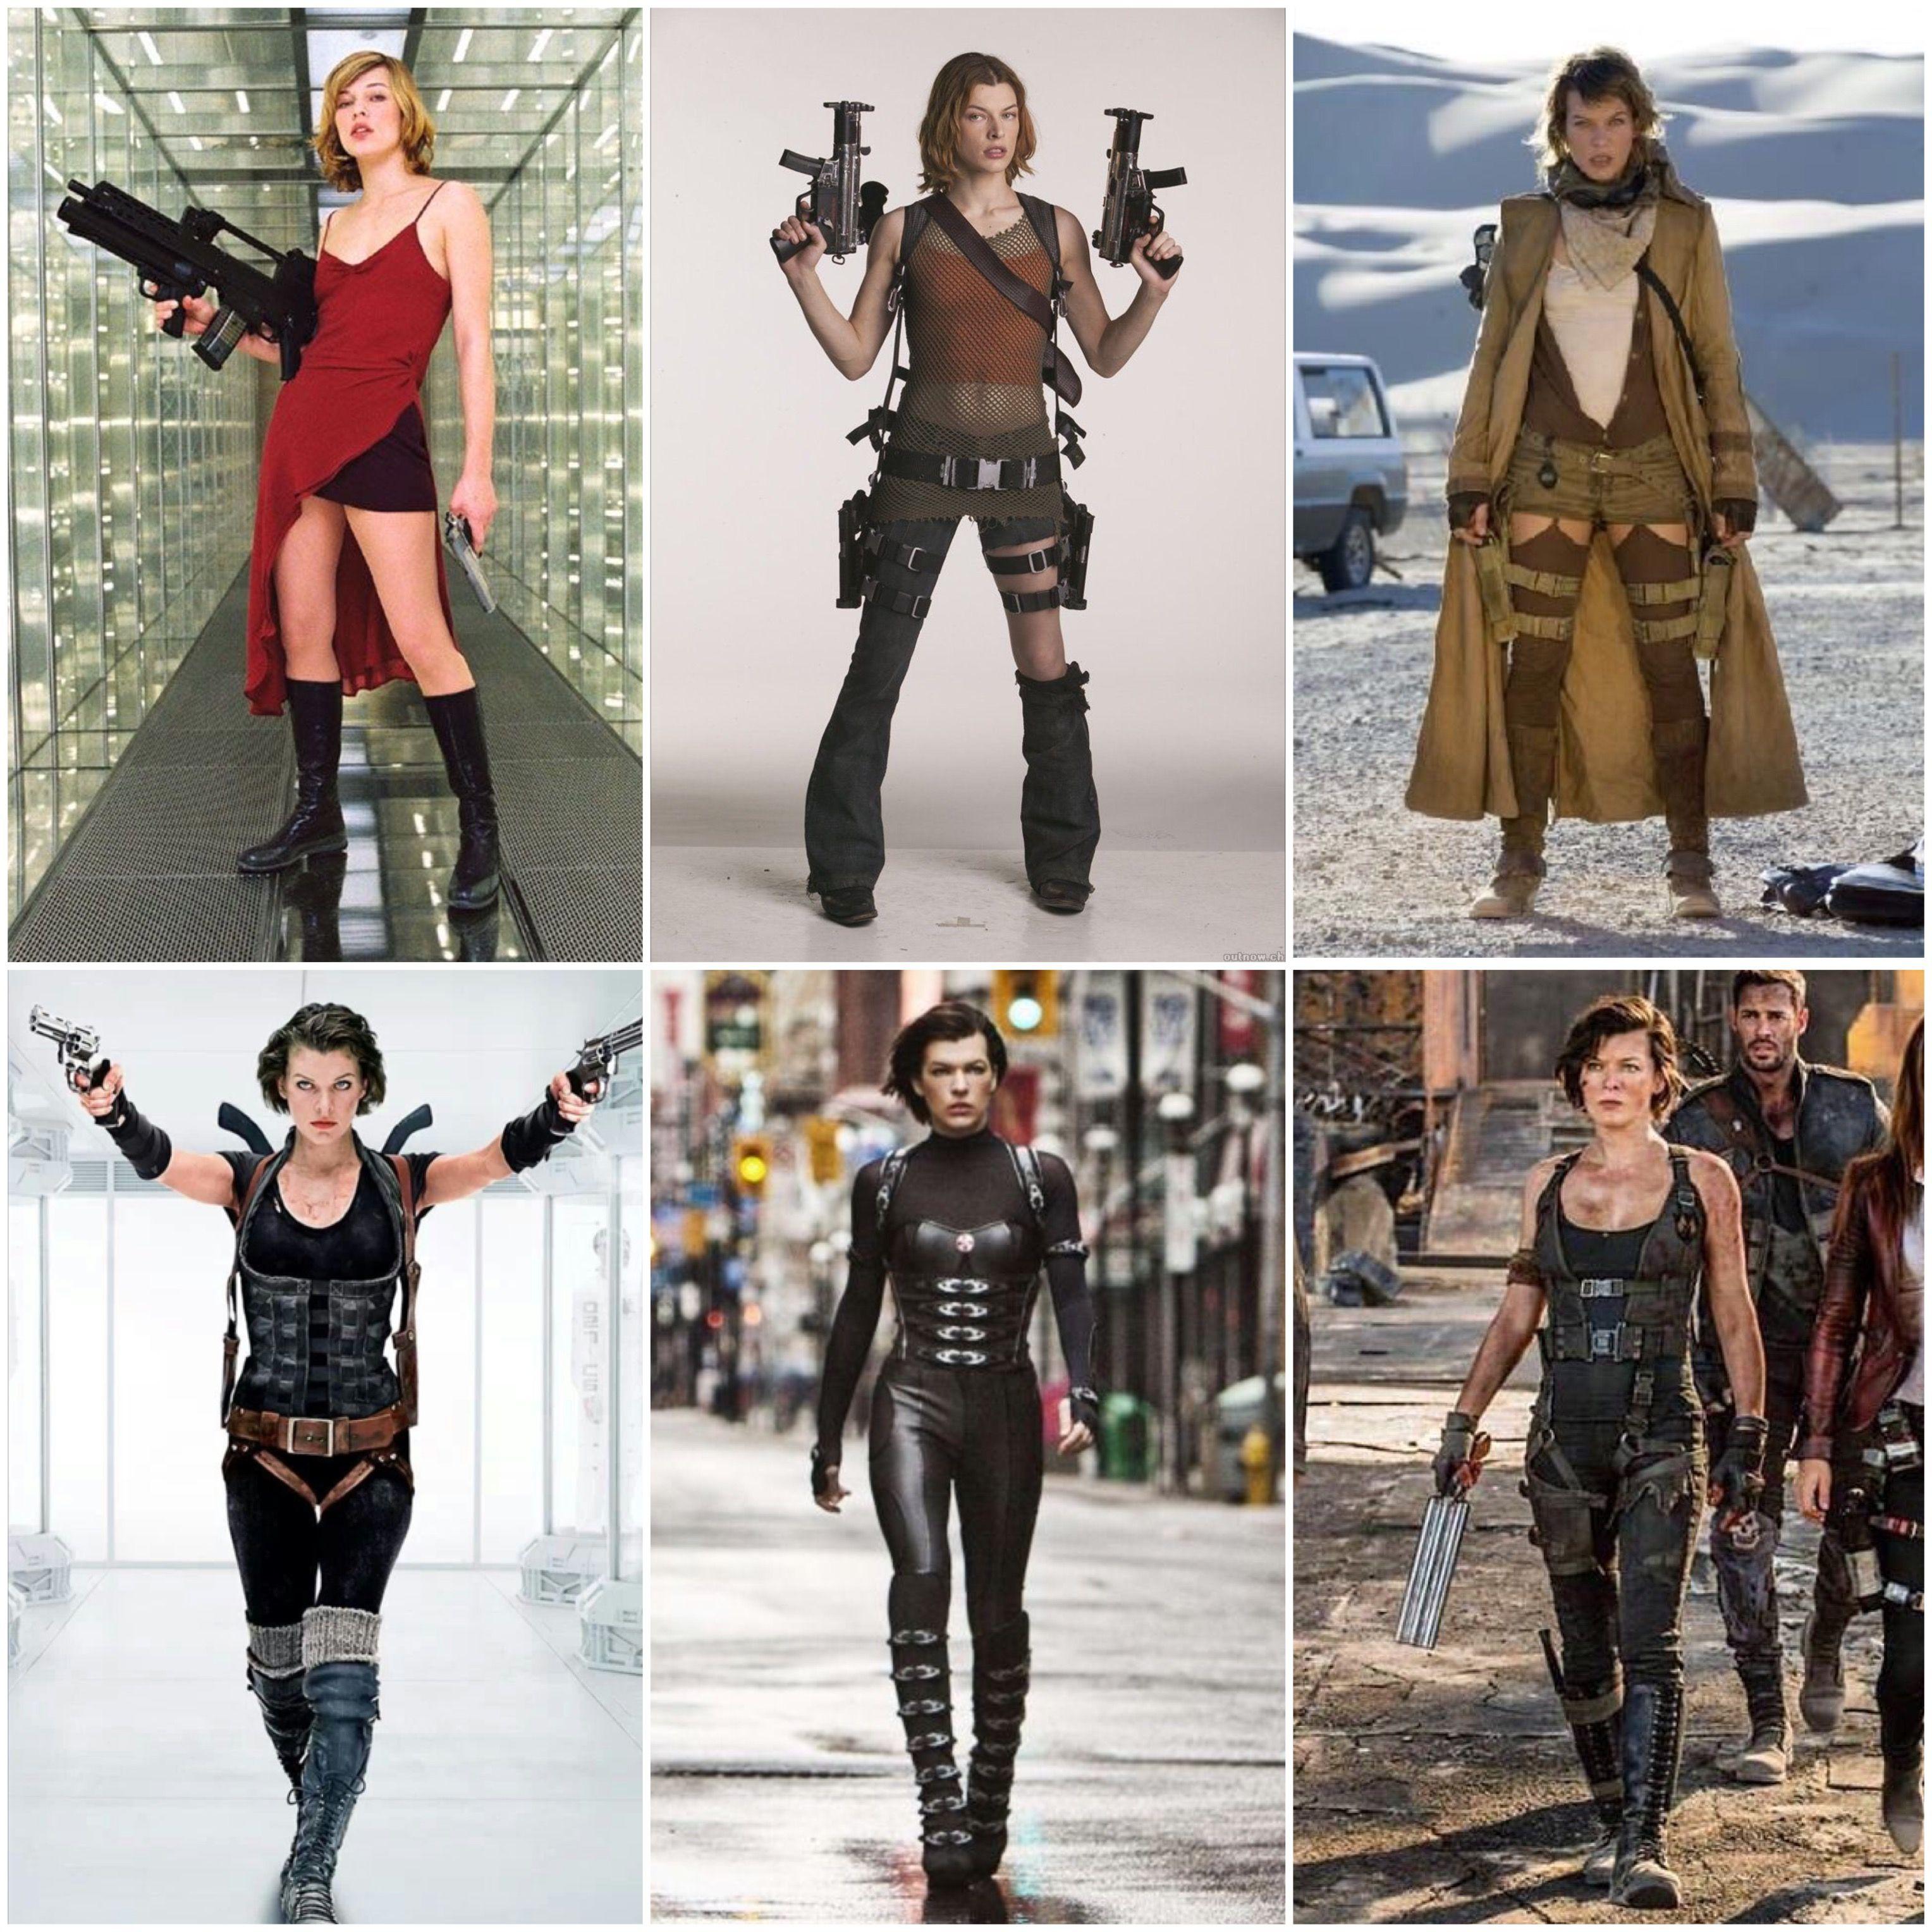 Alice Resident Evil 1 6 Artist3121 Resident Evil Costume Resident Evil Movie Resident Evil Alice